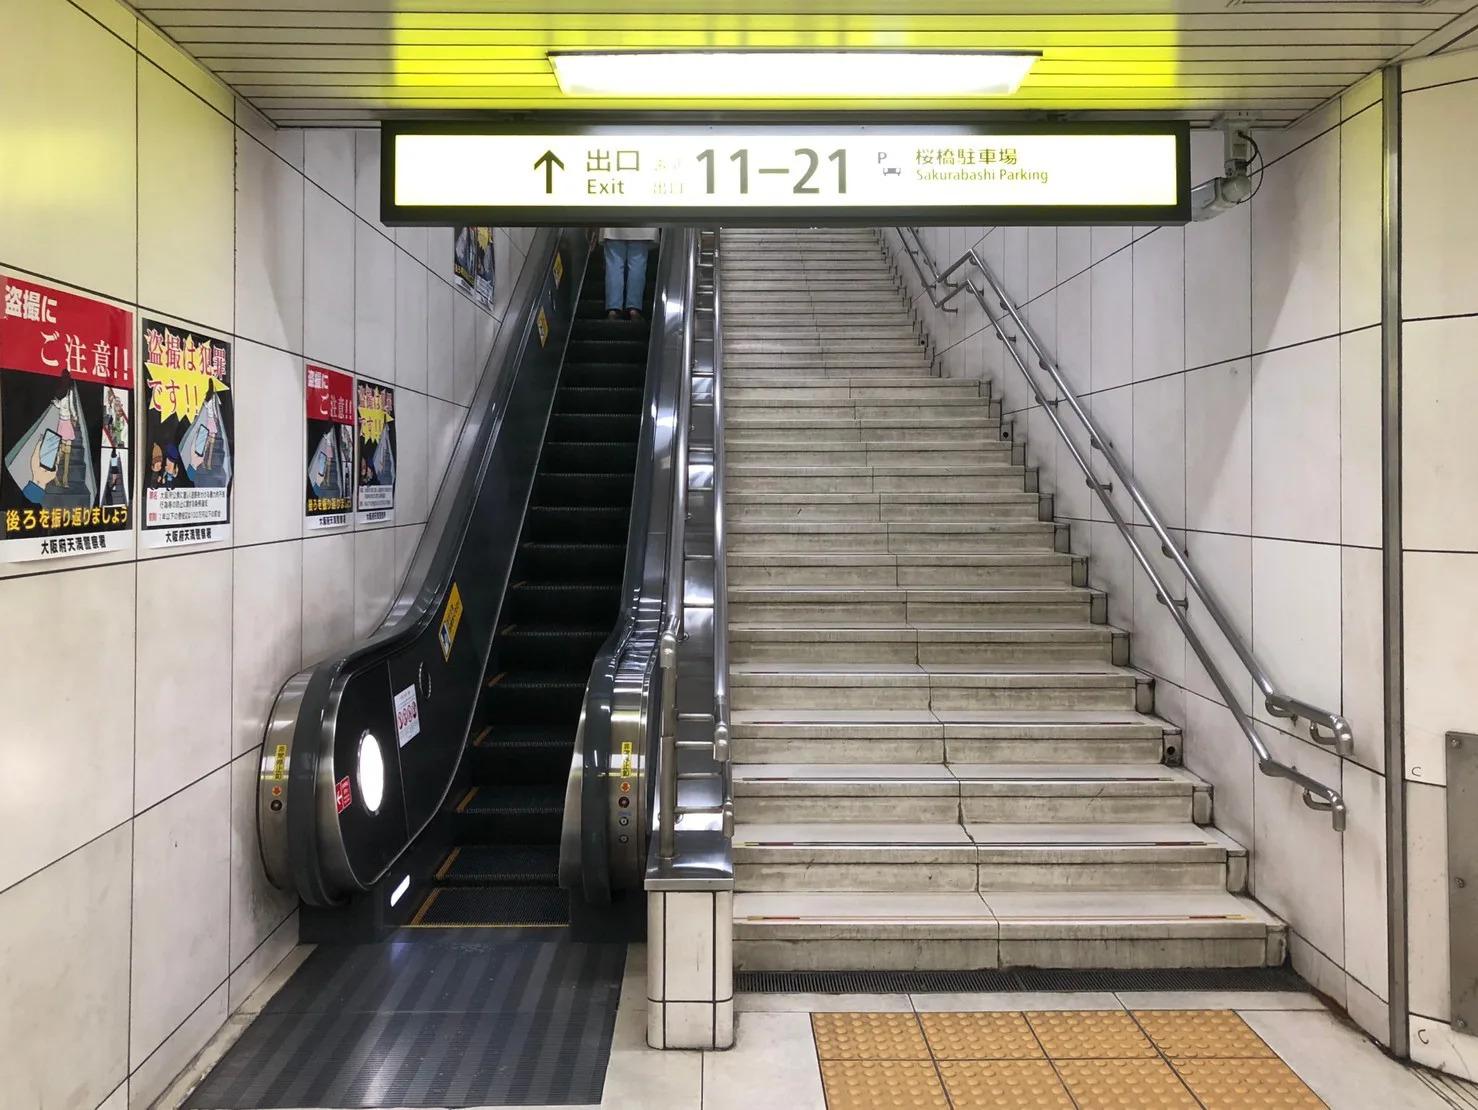 ⑨突き当り右側の「出口11-21」のエスカレーターで地上まで進み、 地上に出てそのまま進行方向にお進みください。